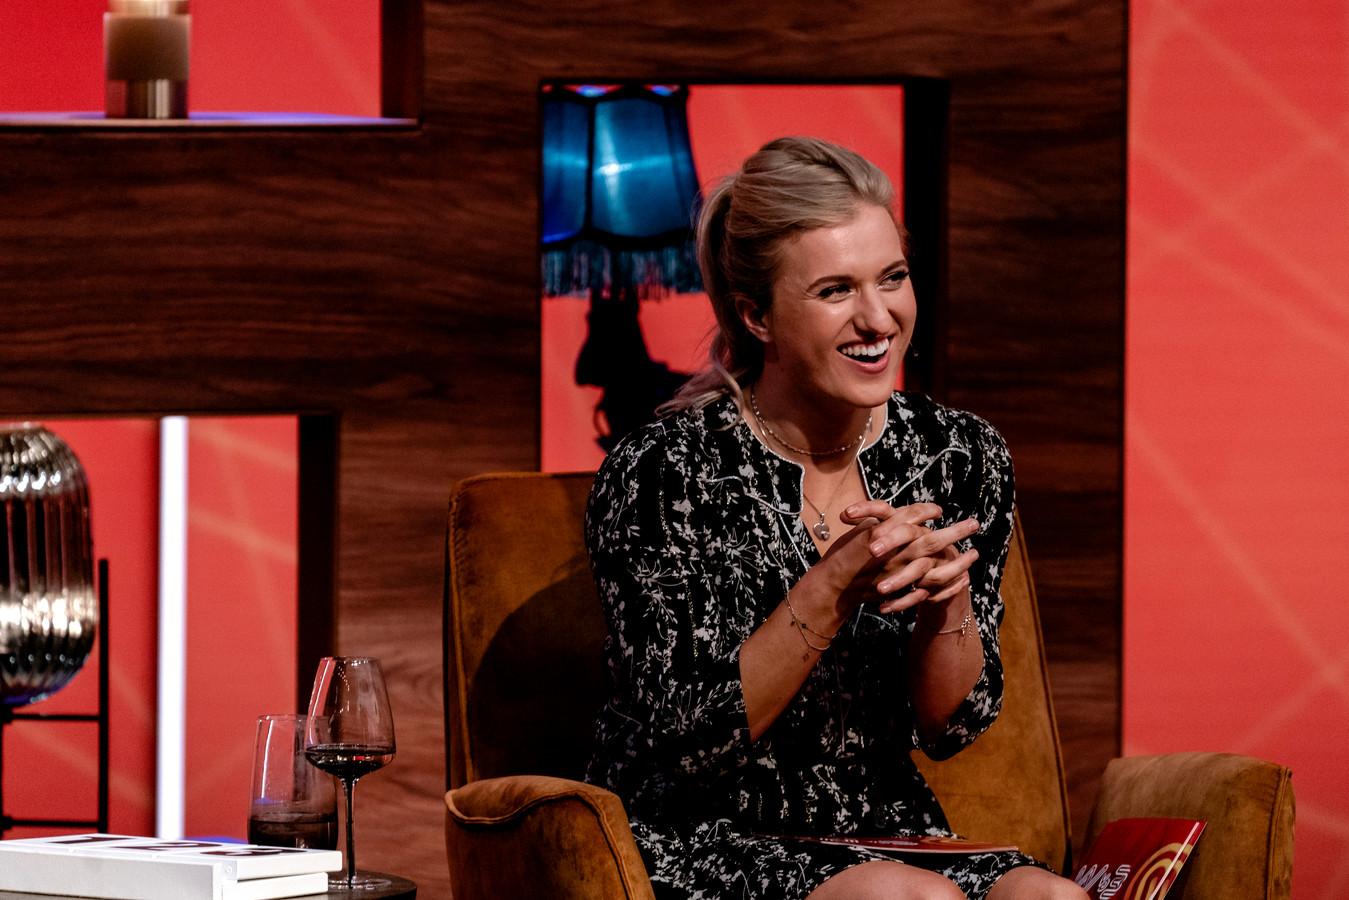 Panellid Britt Dekker in de studio van SBS 6-programma Wie Van De 3.